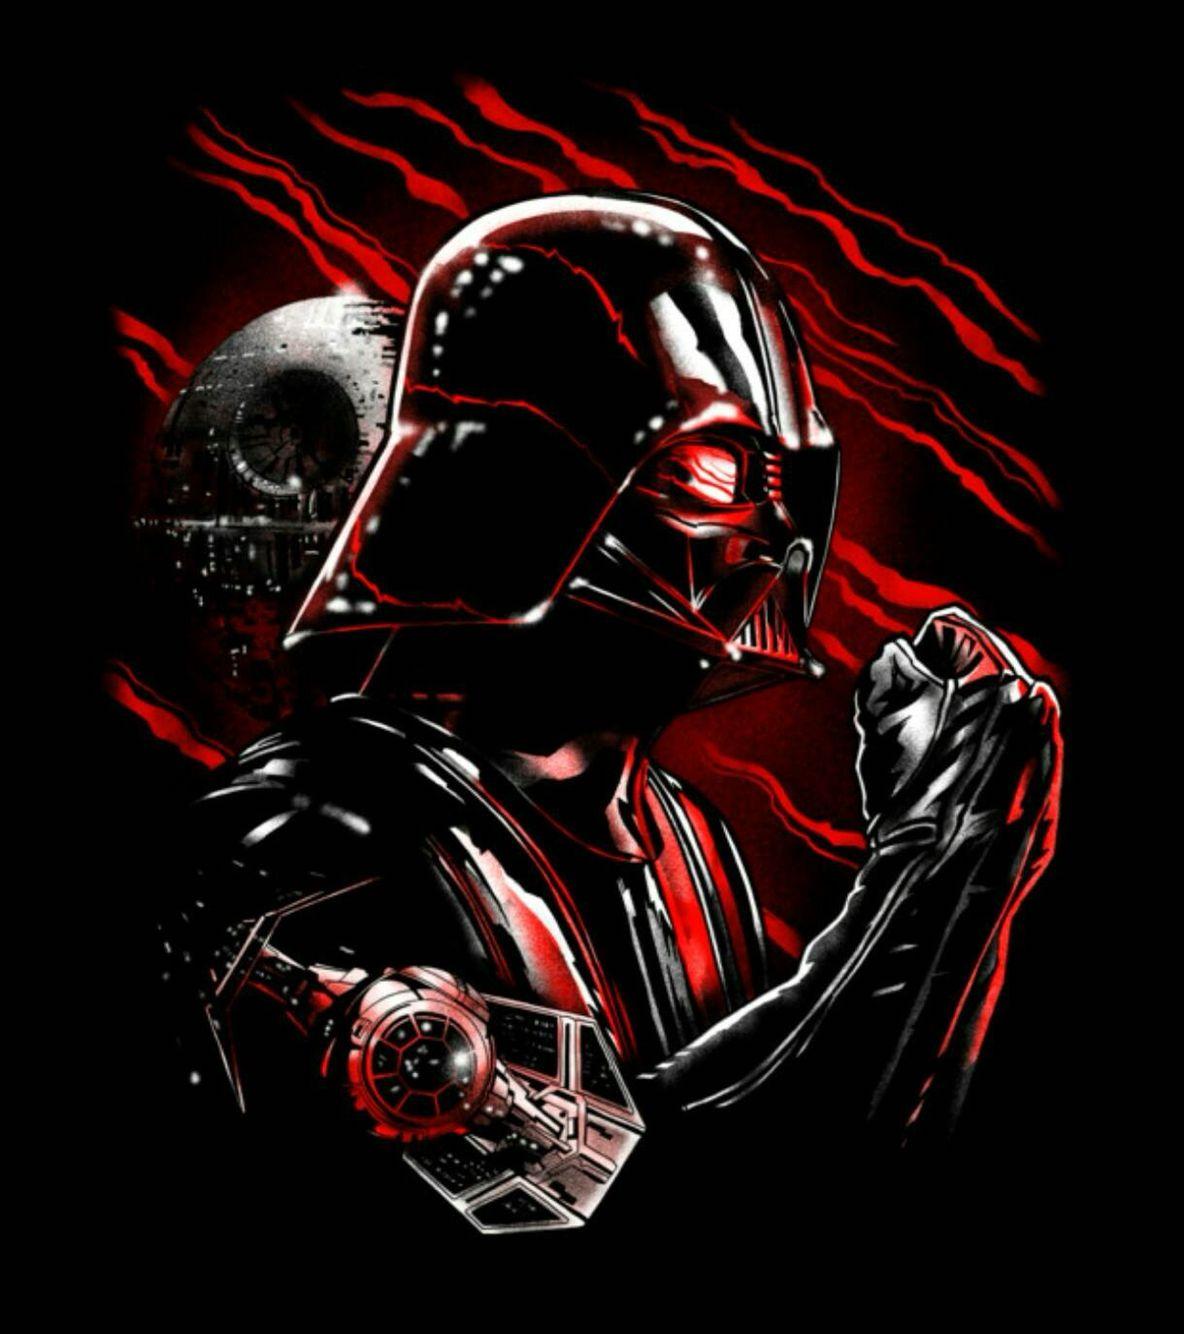 Darth Vader Starwars Starwars Darthvader Sith Red Black Star Wars Art Star Wars Pictures Star Wars Images